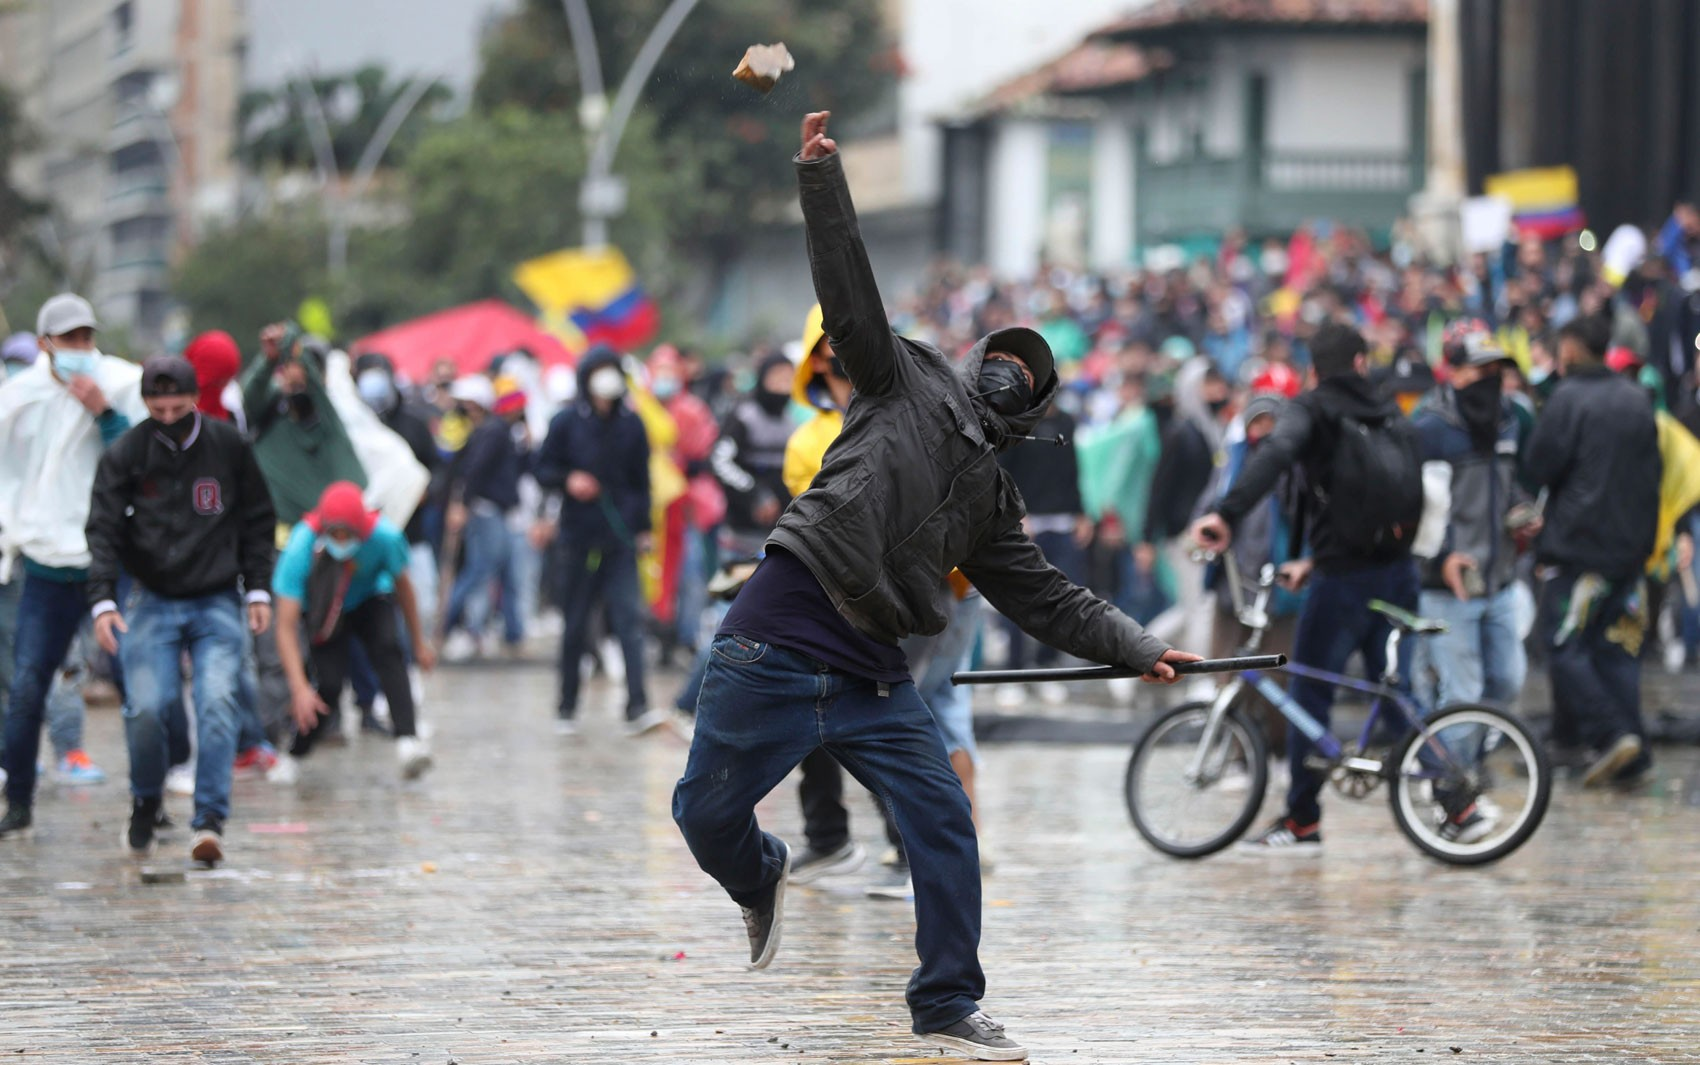 Aumenta a pressão contra Duque na Colômbia após uma semana de protestos